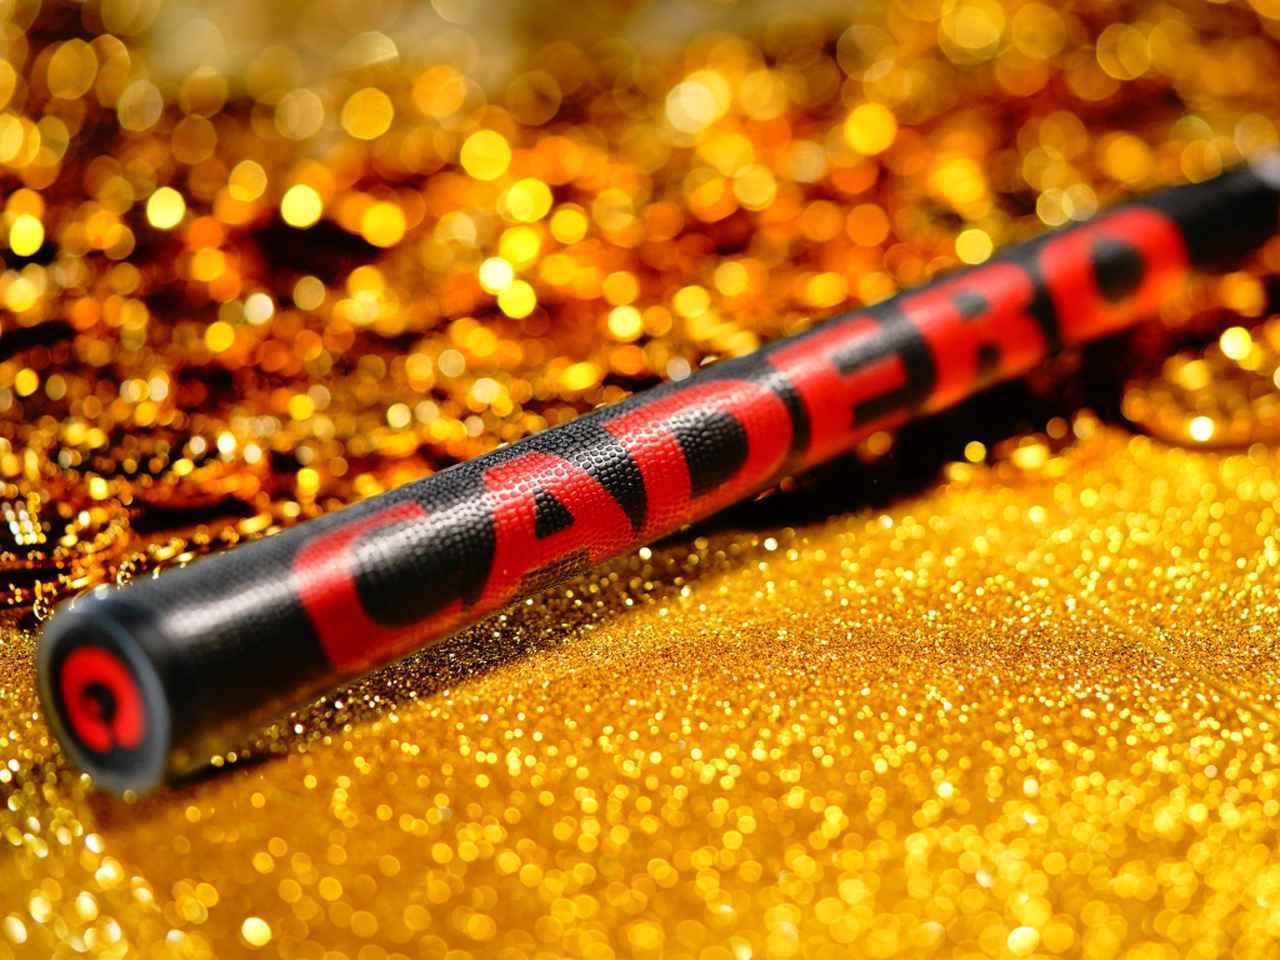 画像: 組み合わせるグリップは「CADERO」の黒赤モデル。ヘッドとシャフトとデザインがマッチ